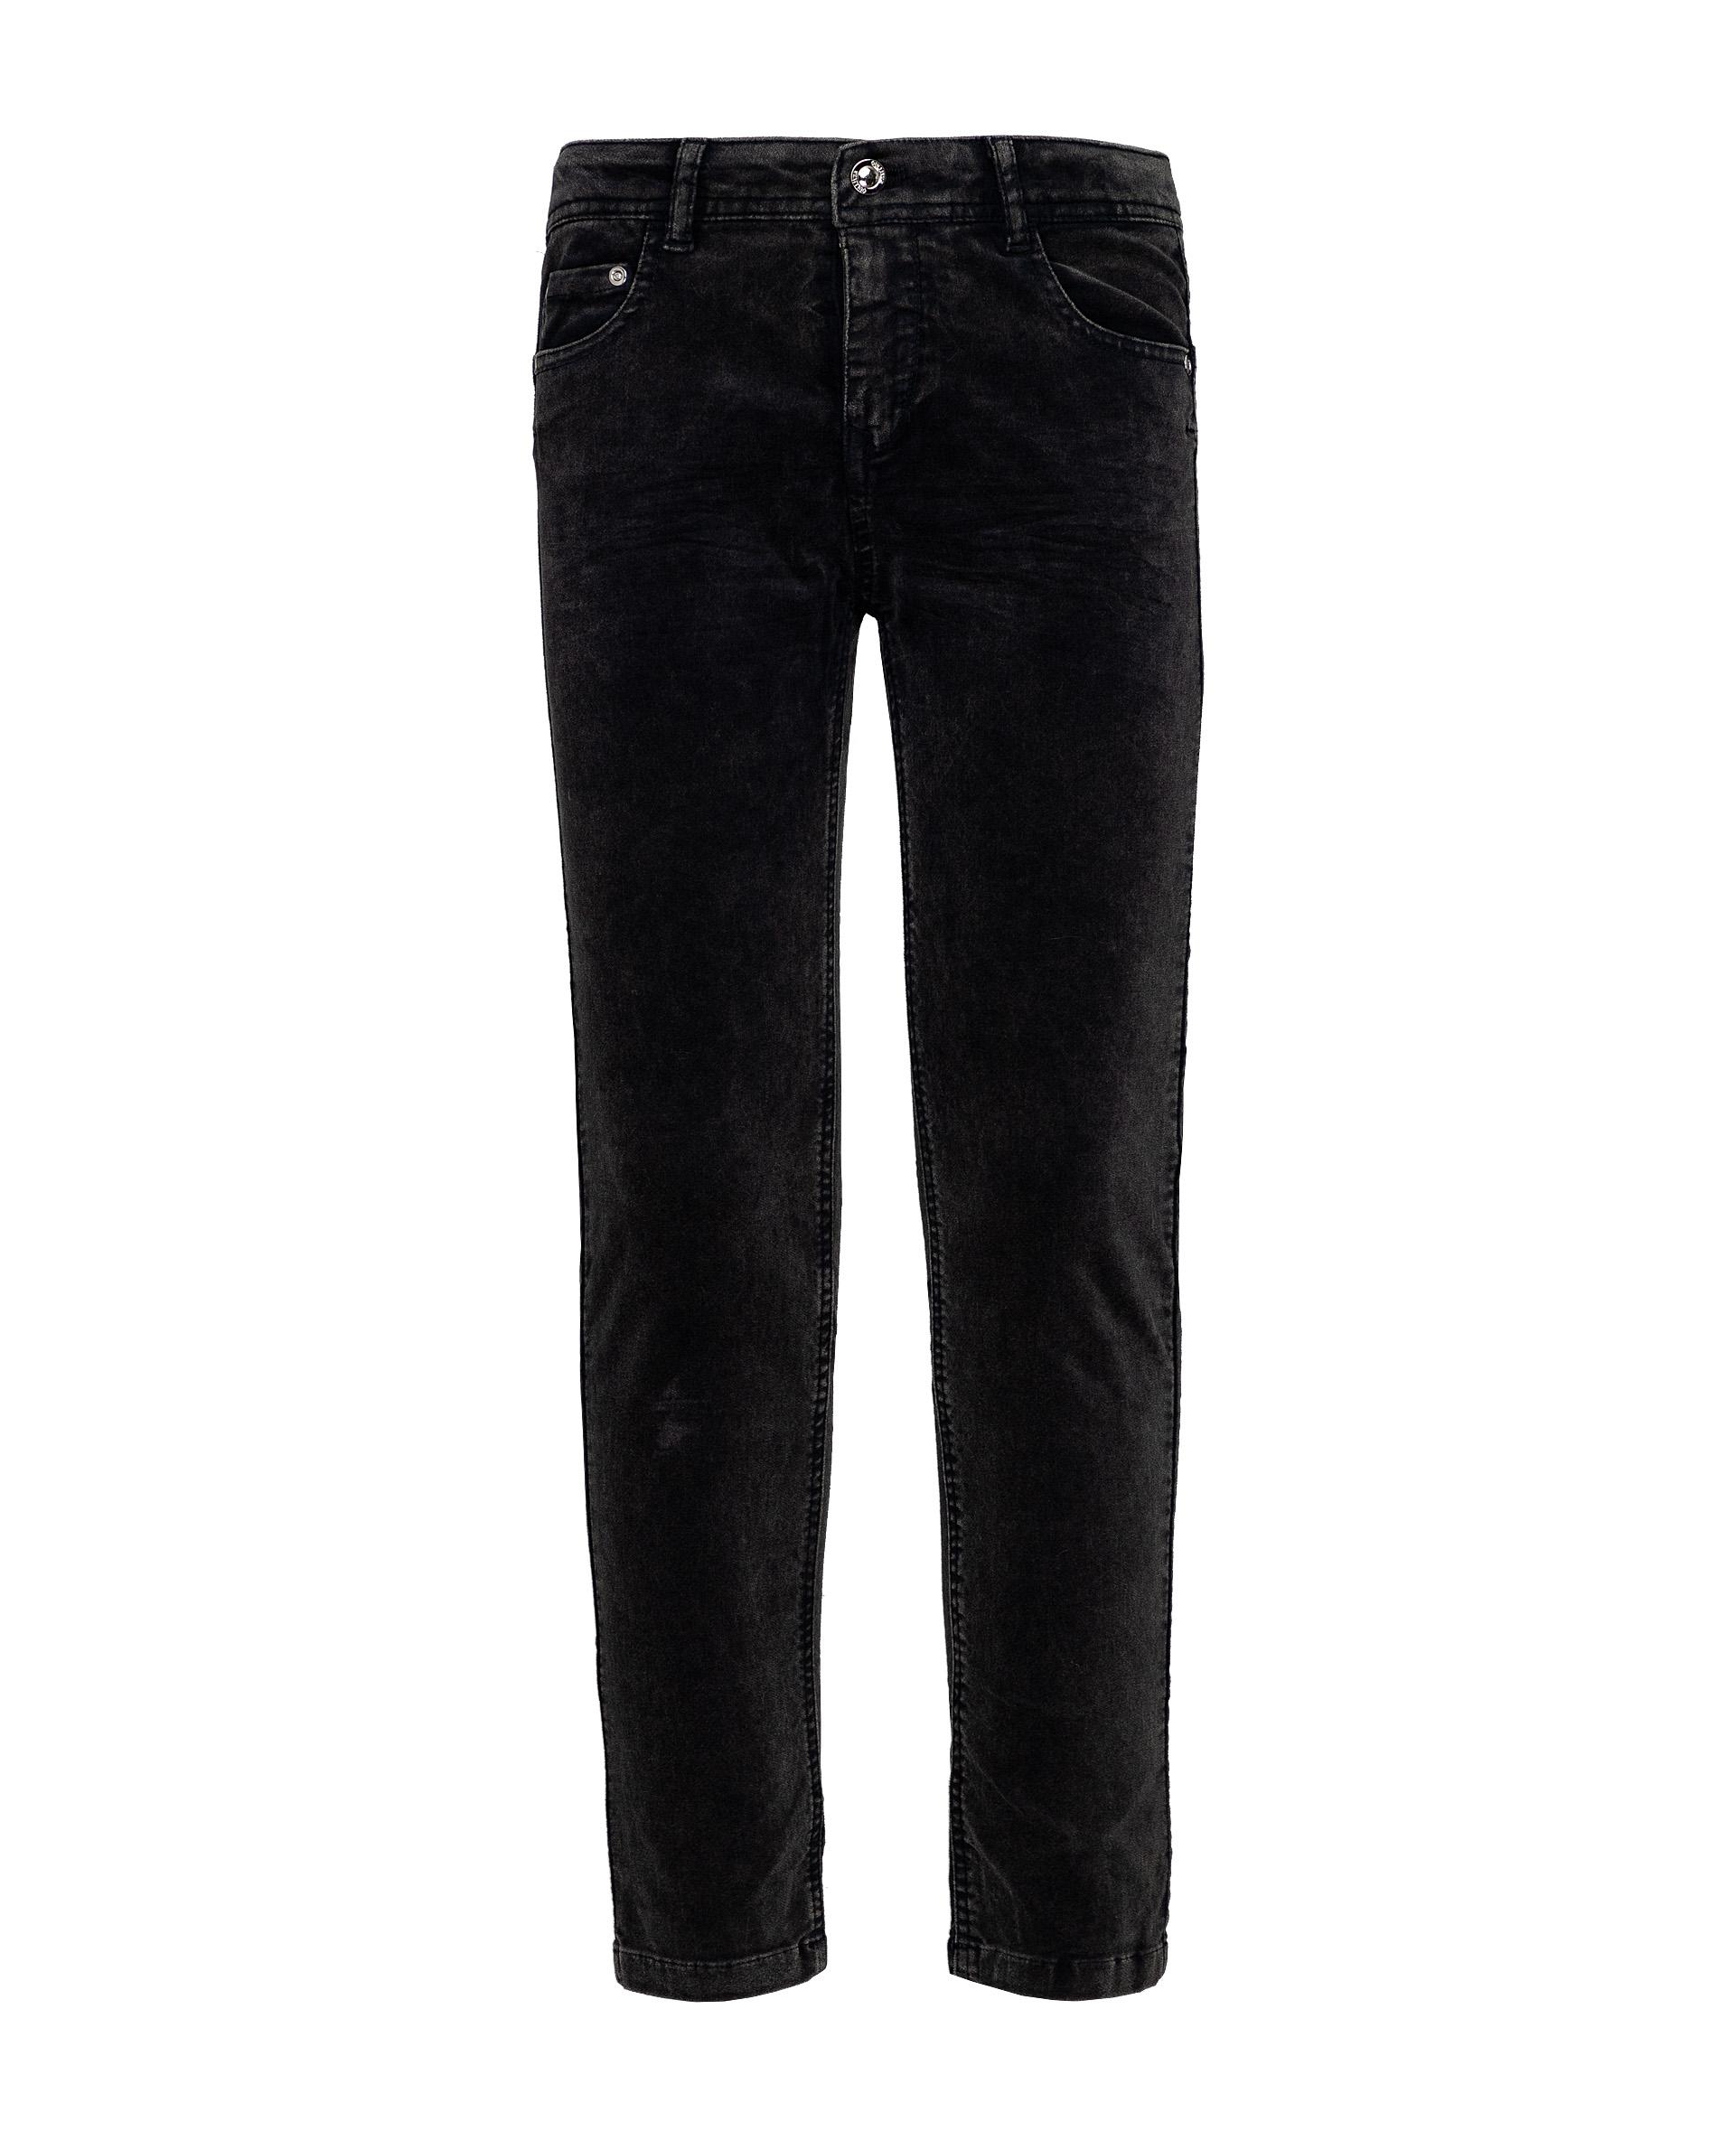 Серые брюки Gulliver 21909GJC6305 серого цвета